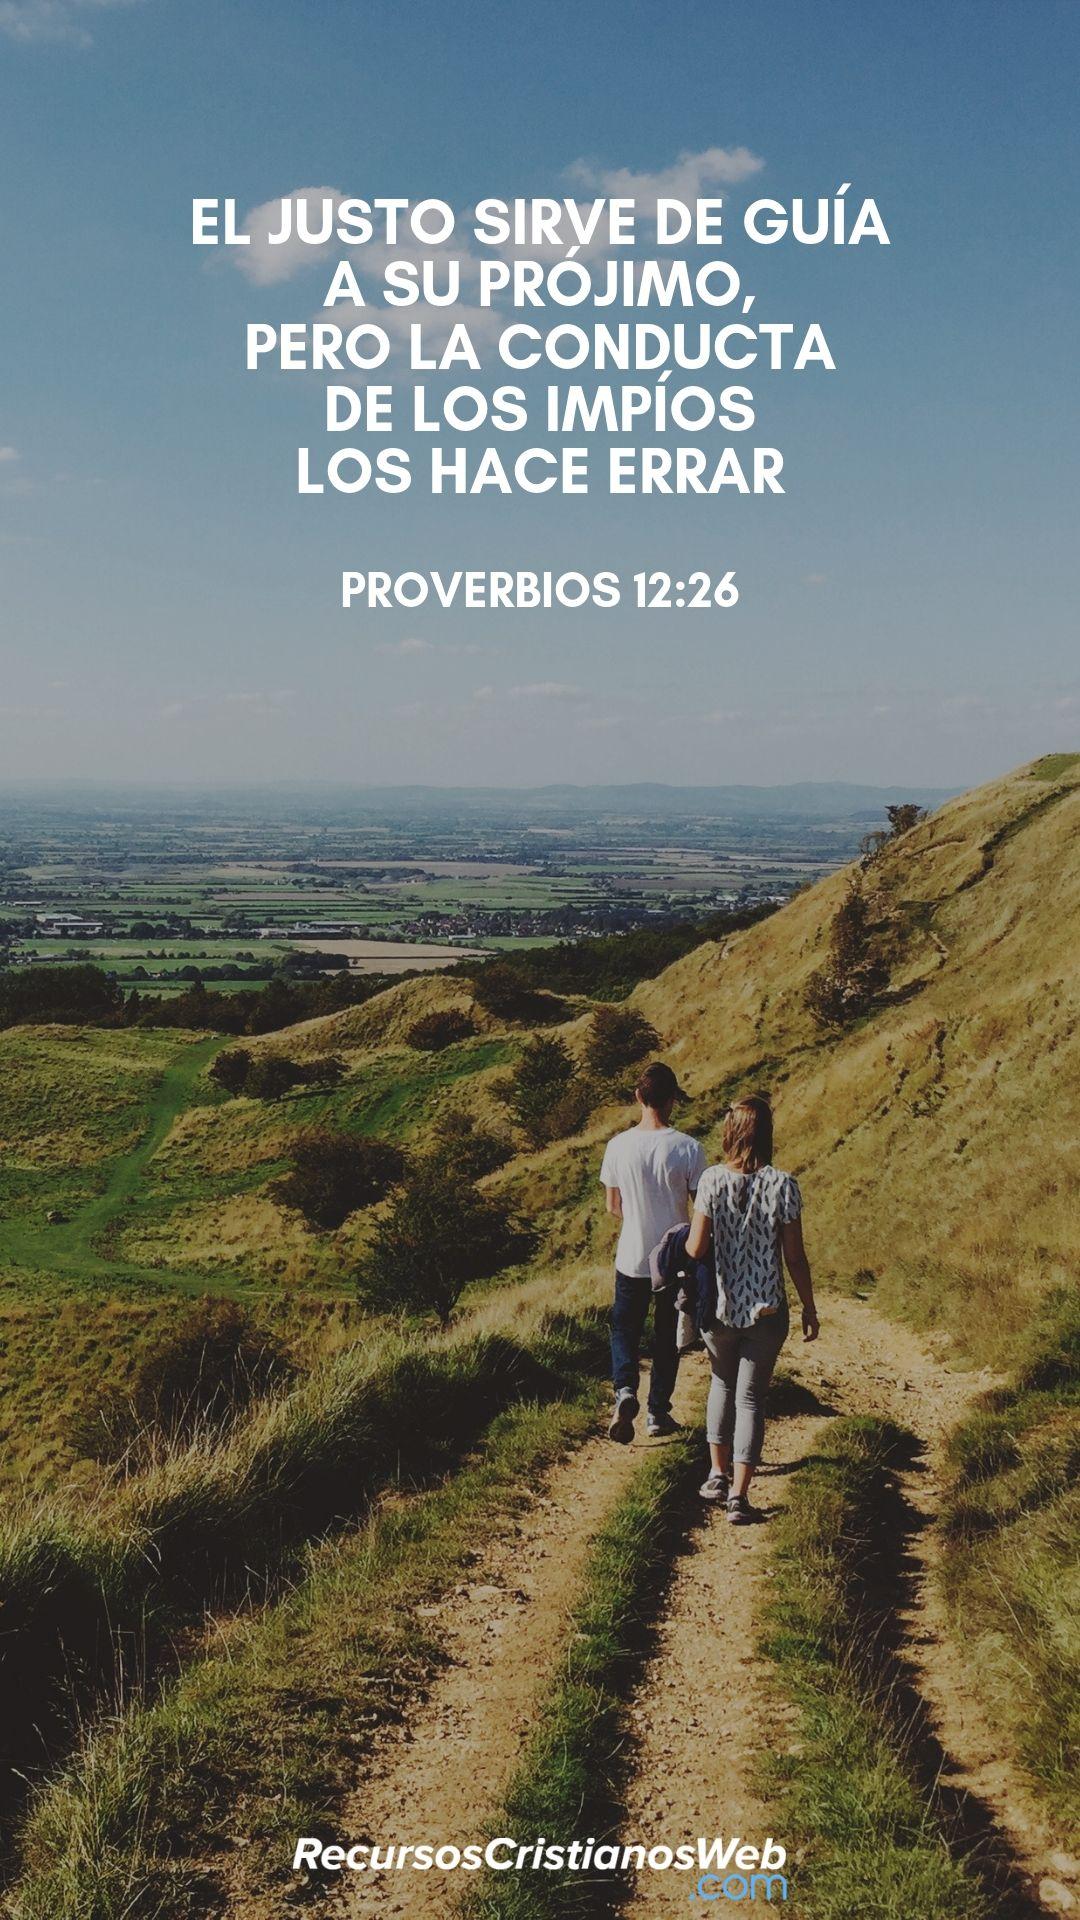 Versículos Bíblicos De Amistad Proverbios 12 26 Versículos Bíblicos Proverbios Cristianos